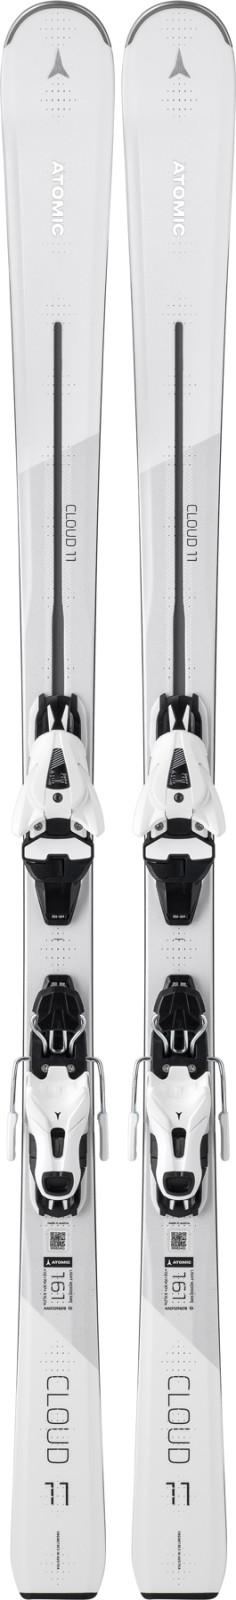 dámské sportovní sjezdové lyže Atomic Cloud 11